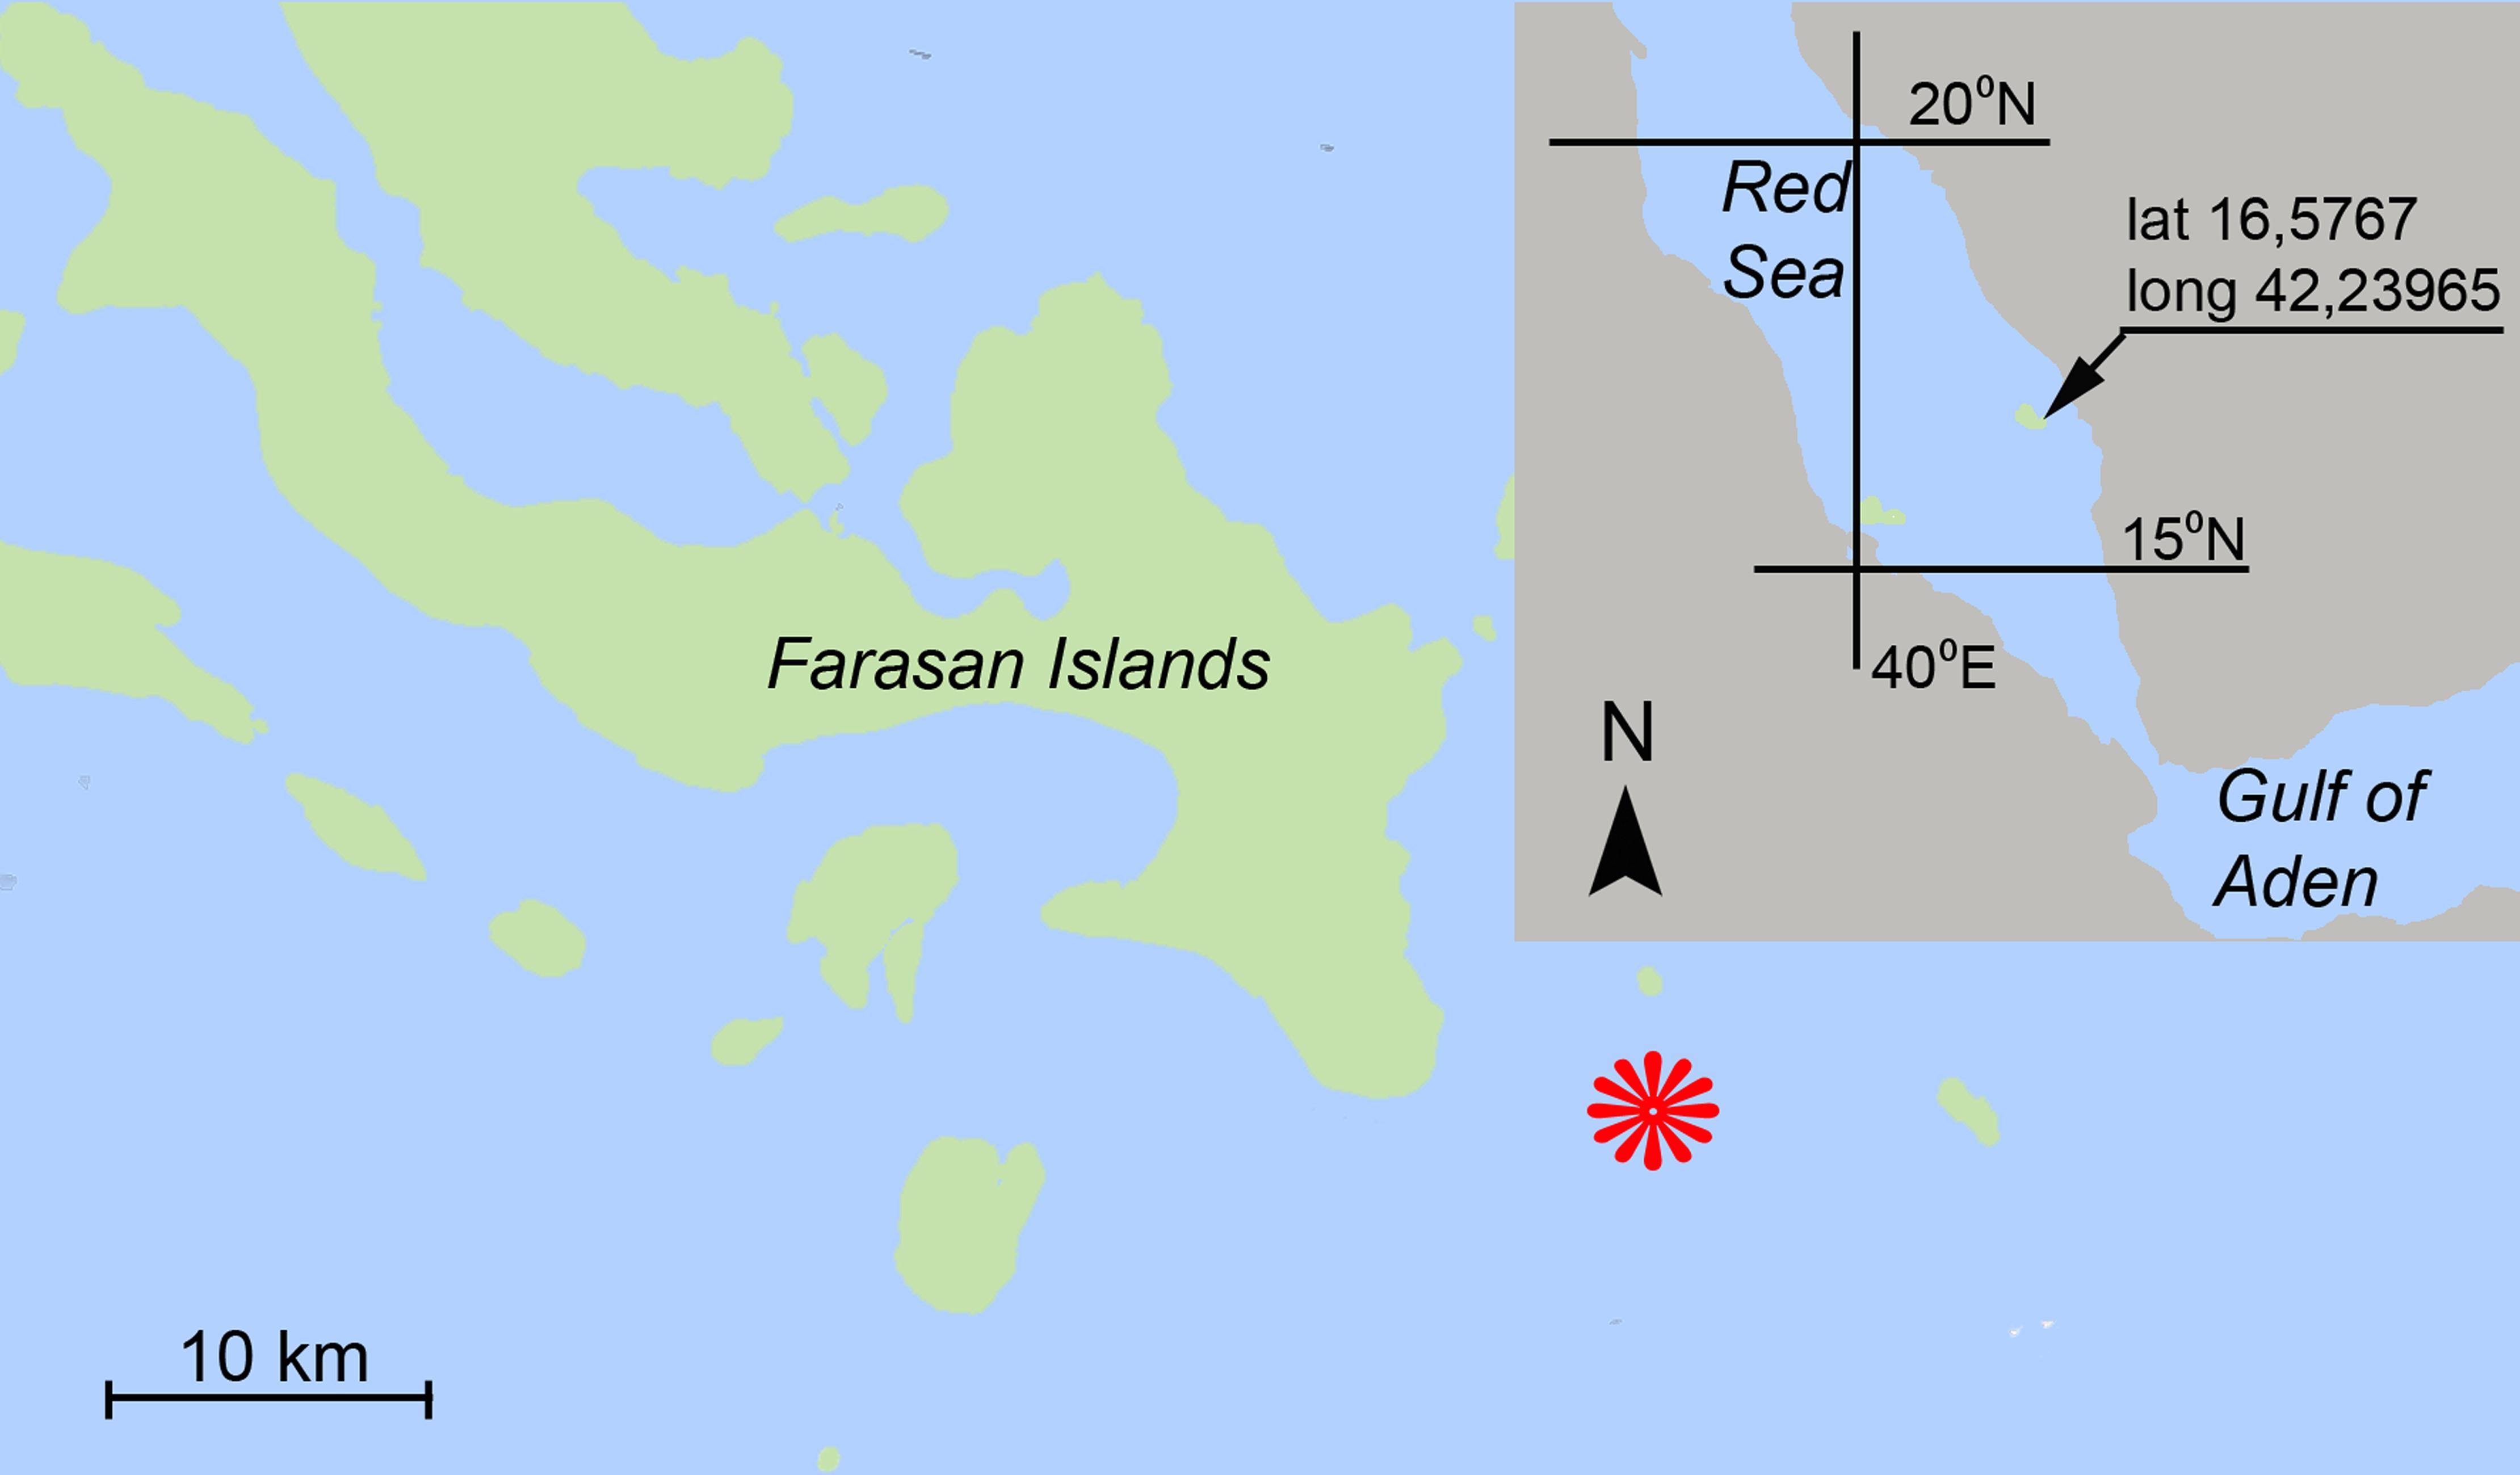 Карта района, вкотором найден новый вид гидроидных полипов.